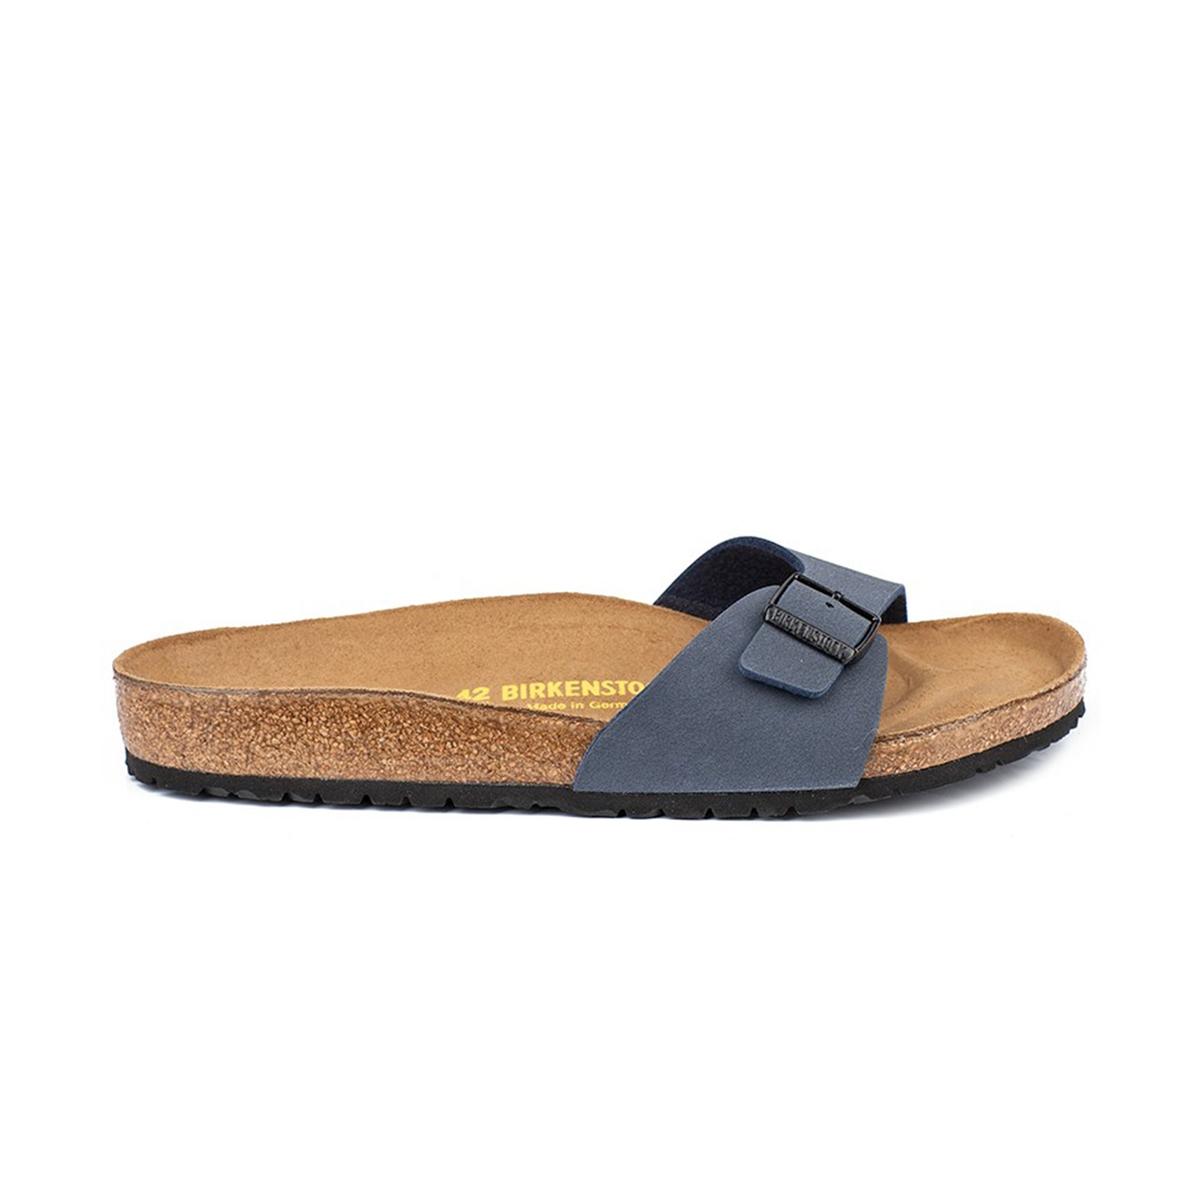 Туфли без задника синтетическиеДетали   •  Туфли без задника •  Застежка : без застежки •  Открытый мысок •  Гладкая отделкаСостав и уход   •  Верх 100% синтетический материал •  Подкладка 100% текстиль •  Стелька 100% кожа •  Подошва 100% ЭВА<br><br>Цвет: темно-синий